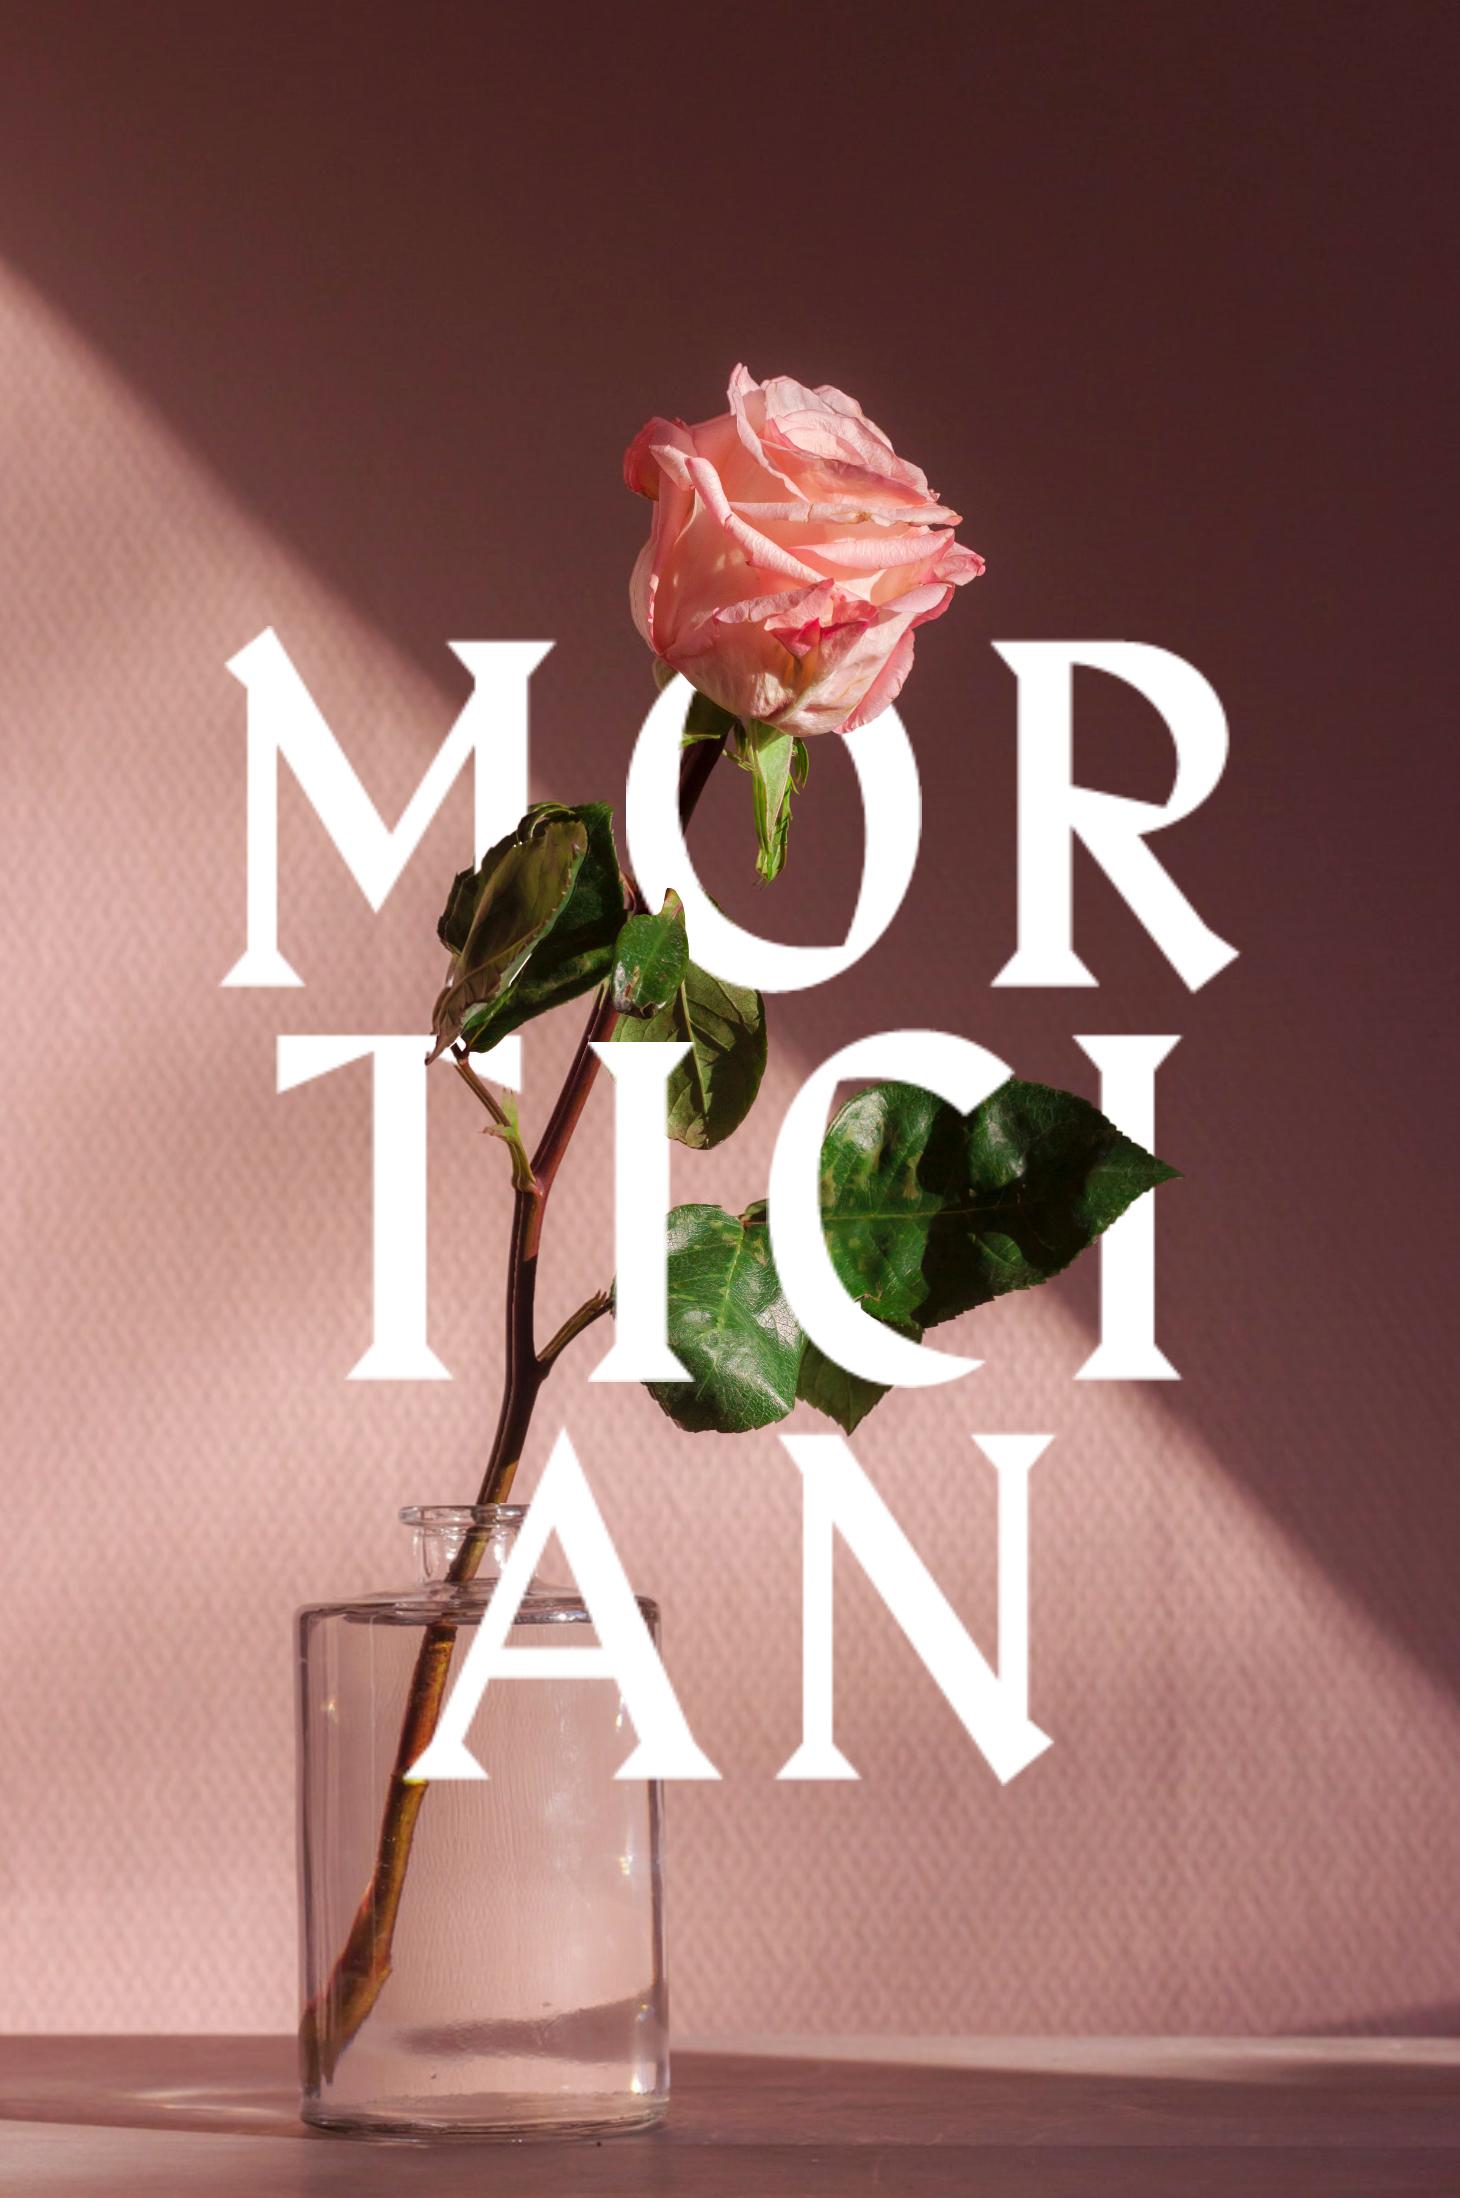 FlowerMortician_Type.jpeg